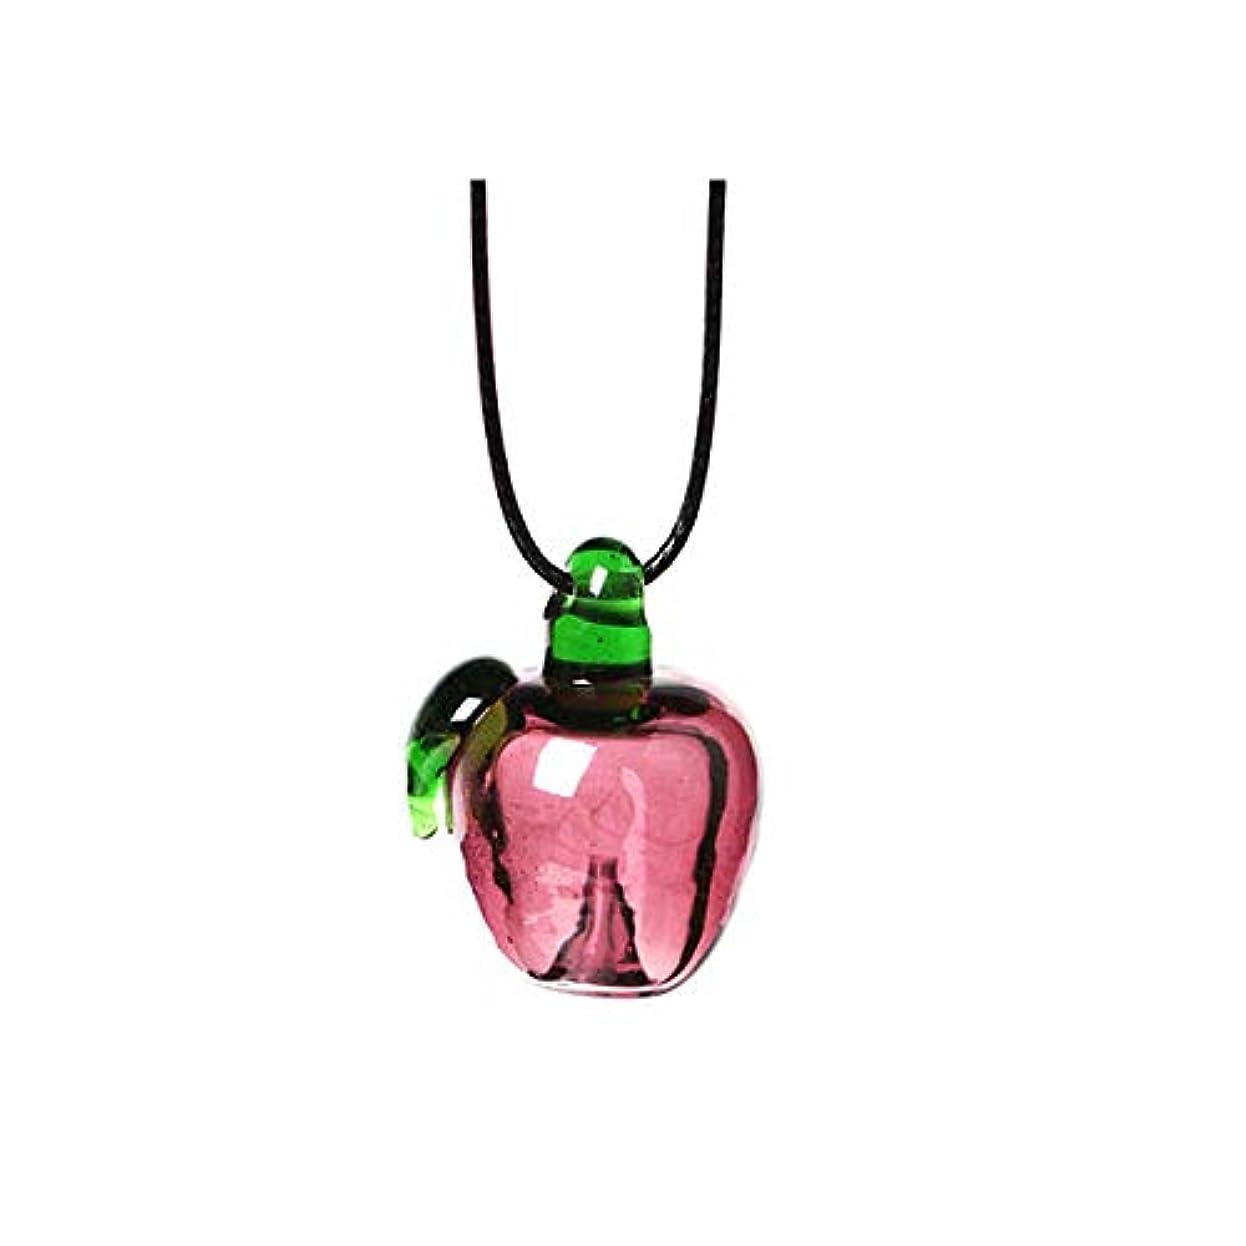 移植心のこもった危険アロマ ペンダント りんご 専用スポイト付 アロマテラピー アロマグッズ ネックレス 香水 香 かおり 種類,りんご【E】